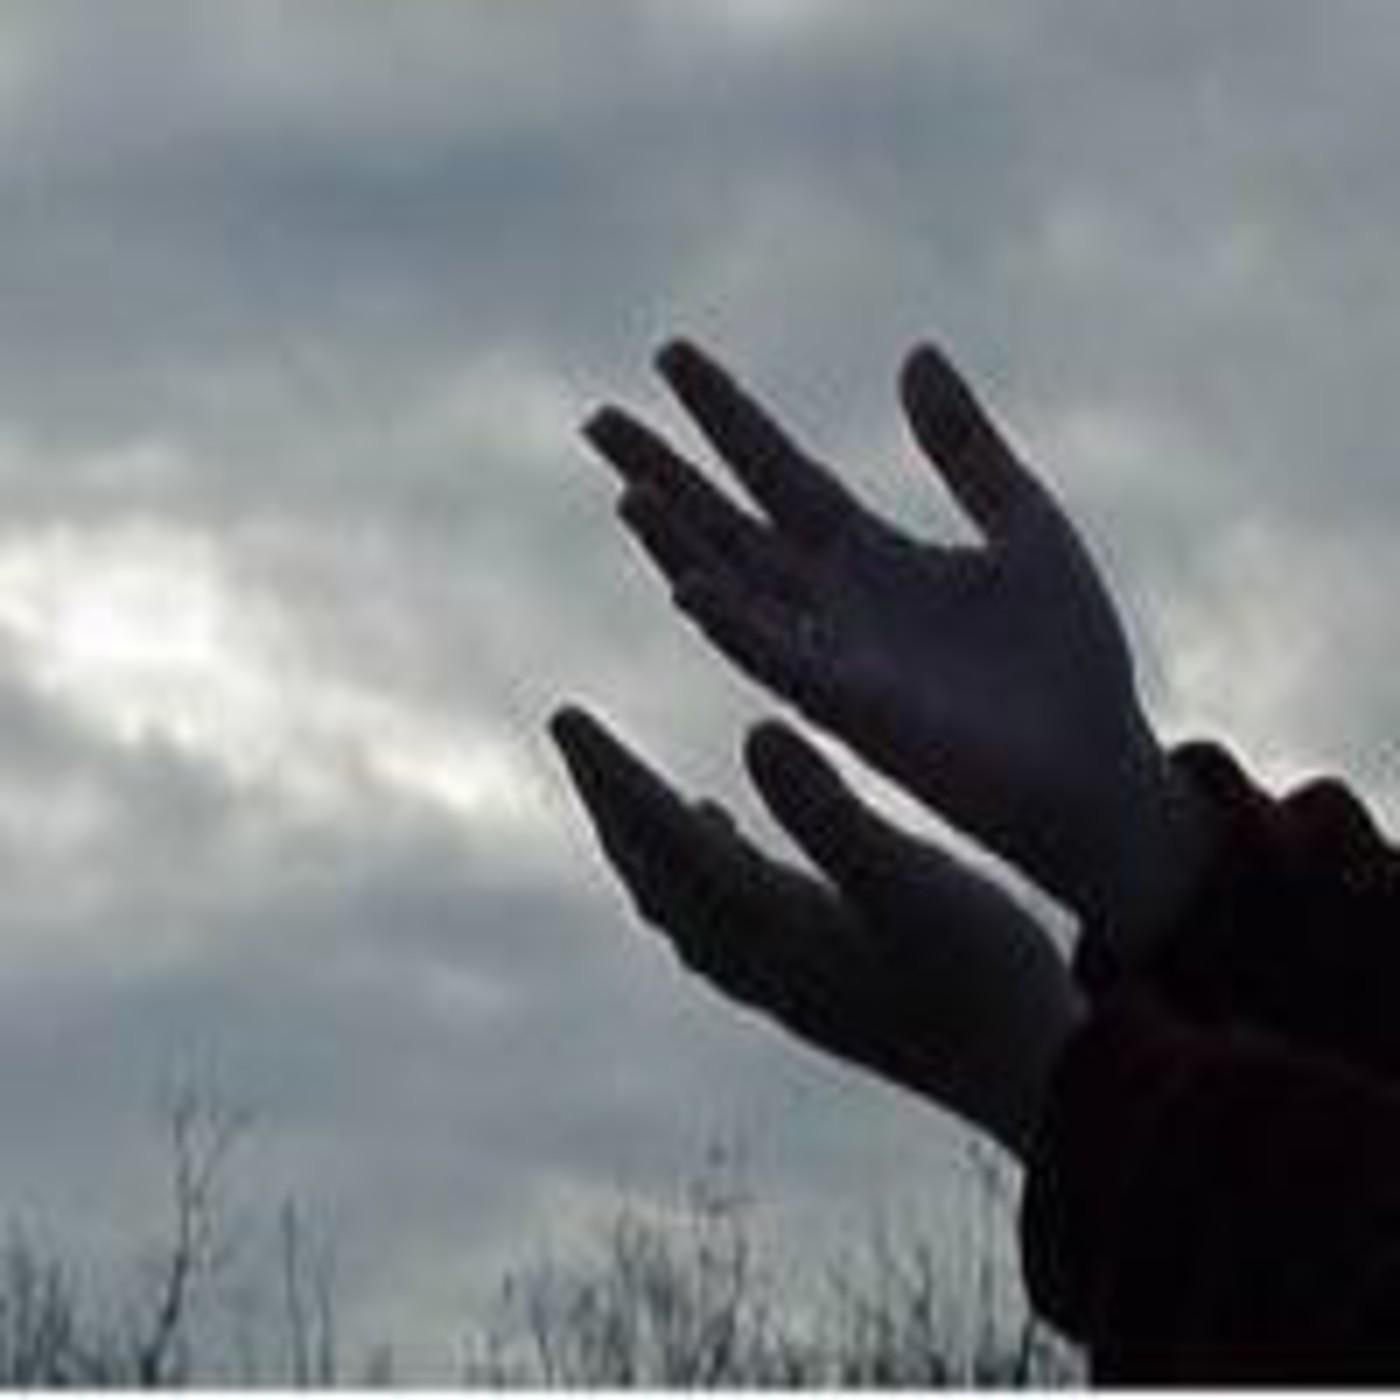 Oracion De Sanacion Interior En Sanacion Y Liberacion En Mp3 03 10 A Las 15 39 31 02 04 824493